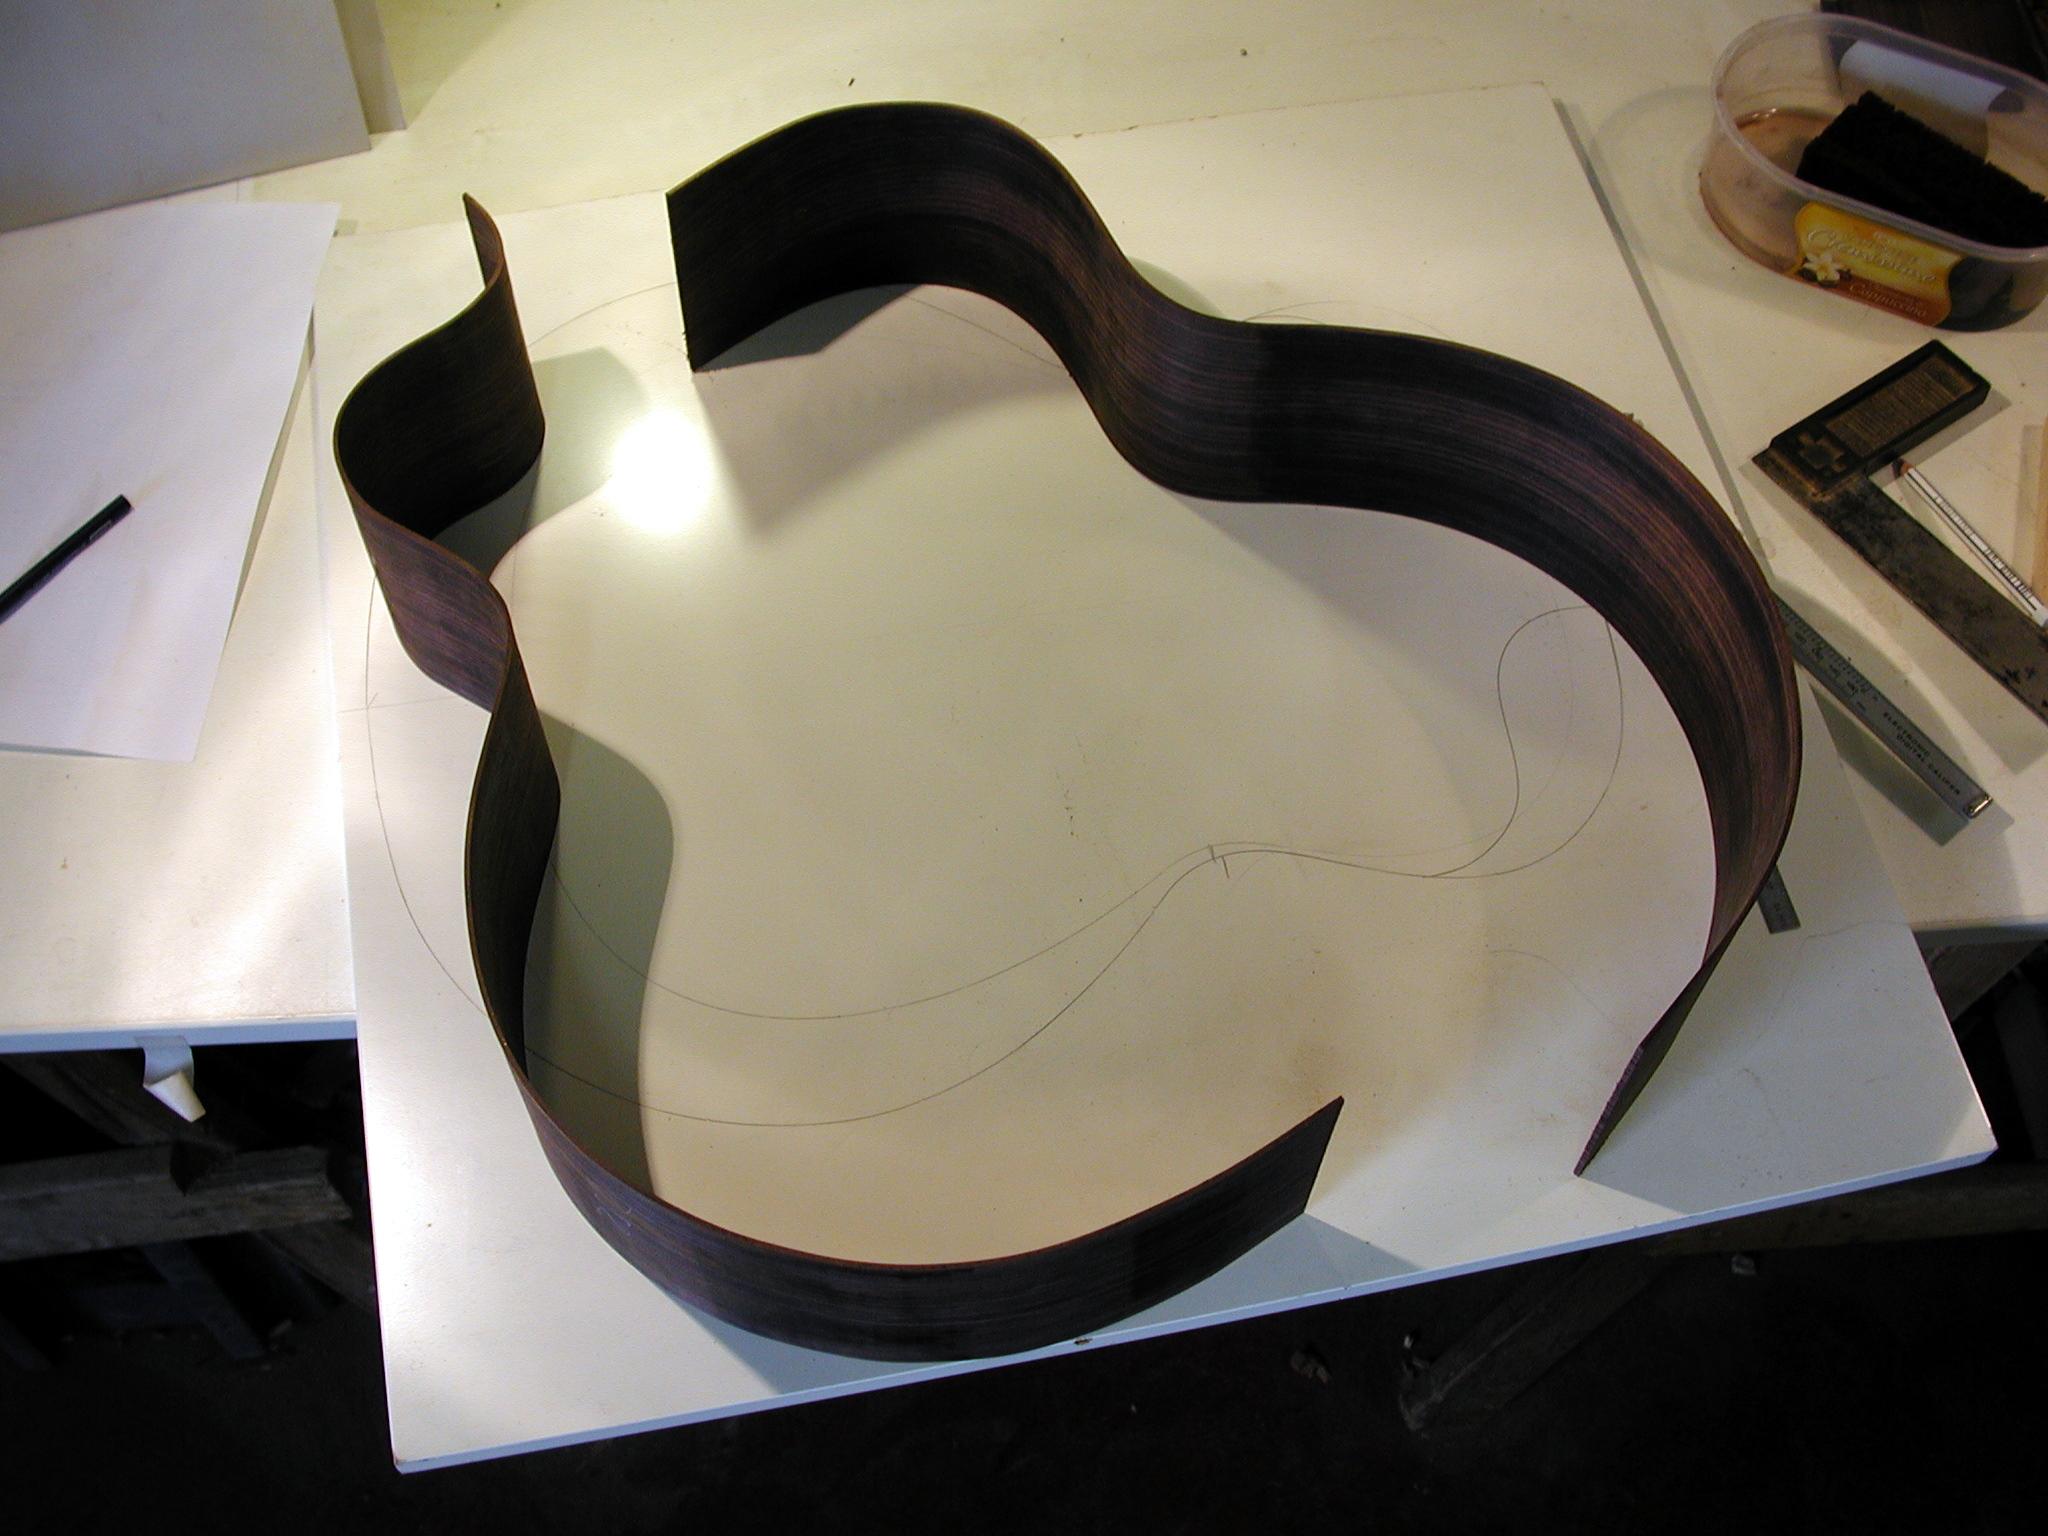 Zargen: Die Zargen sind gebogen. Unter den Zargen ist die Zeichnung, nach der die Form gefertigt wurde, zu sehen.